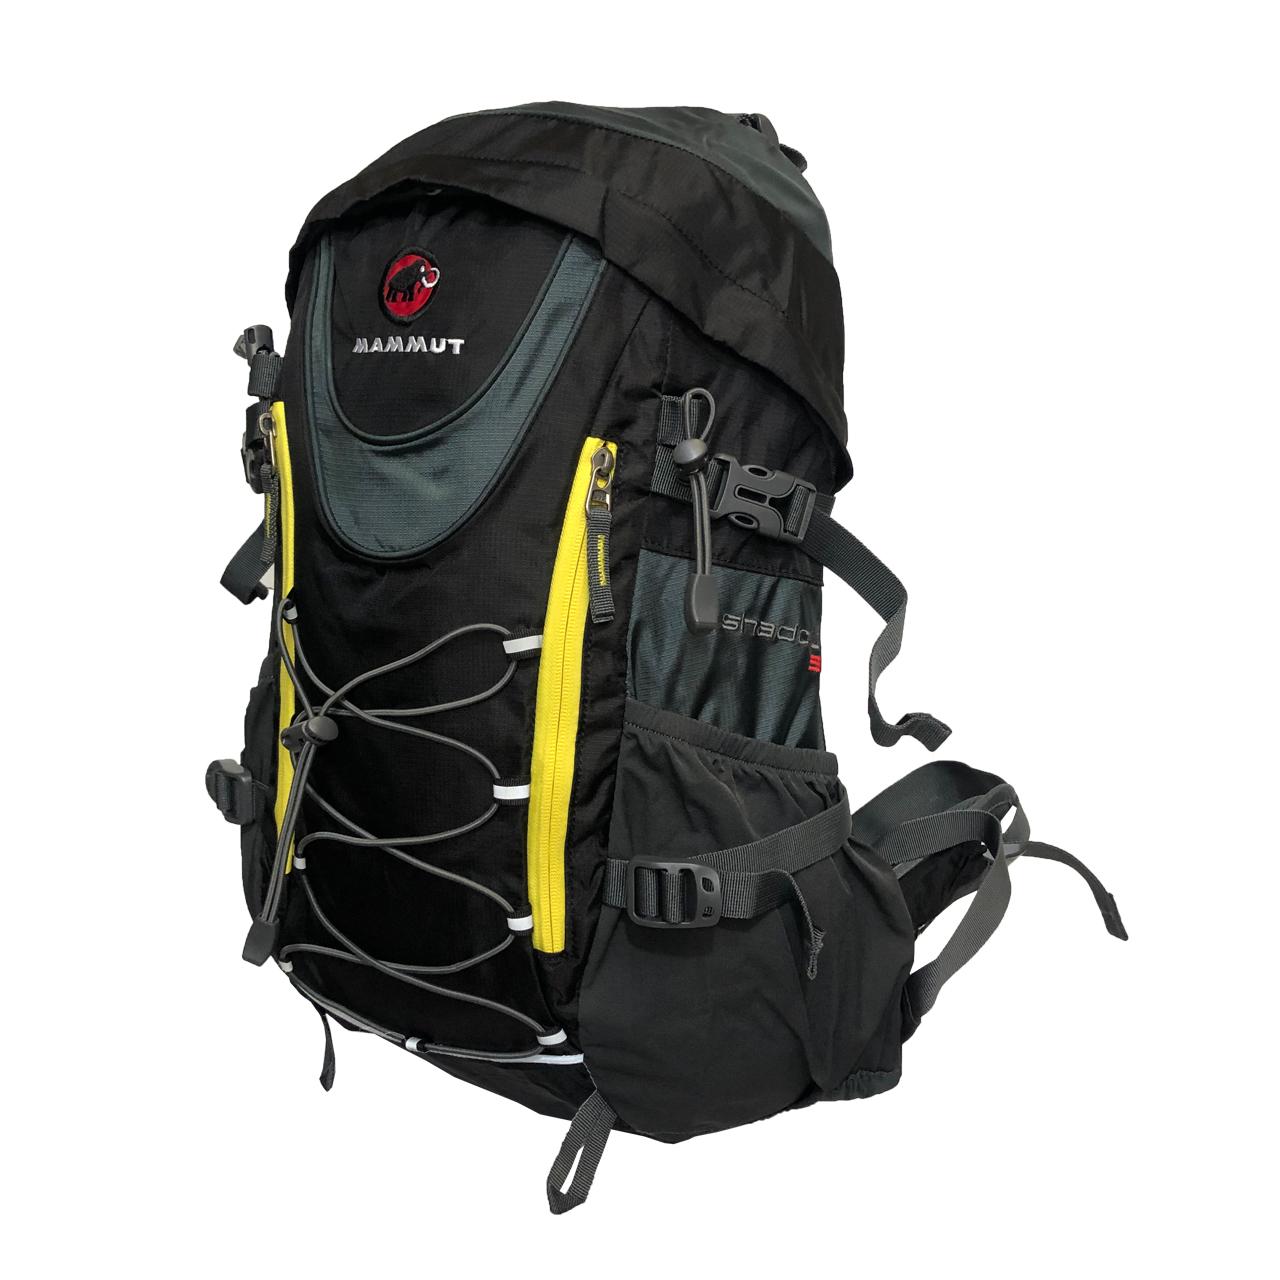 کوله پشتی کوهنوردی 35 لیتری ماموت کد HK1